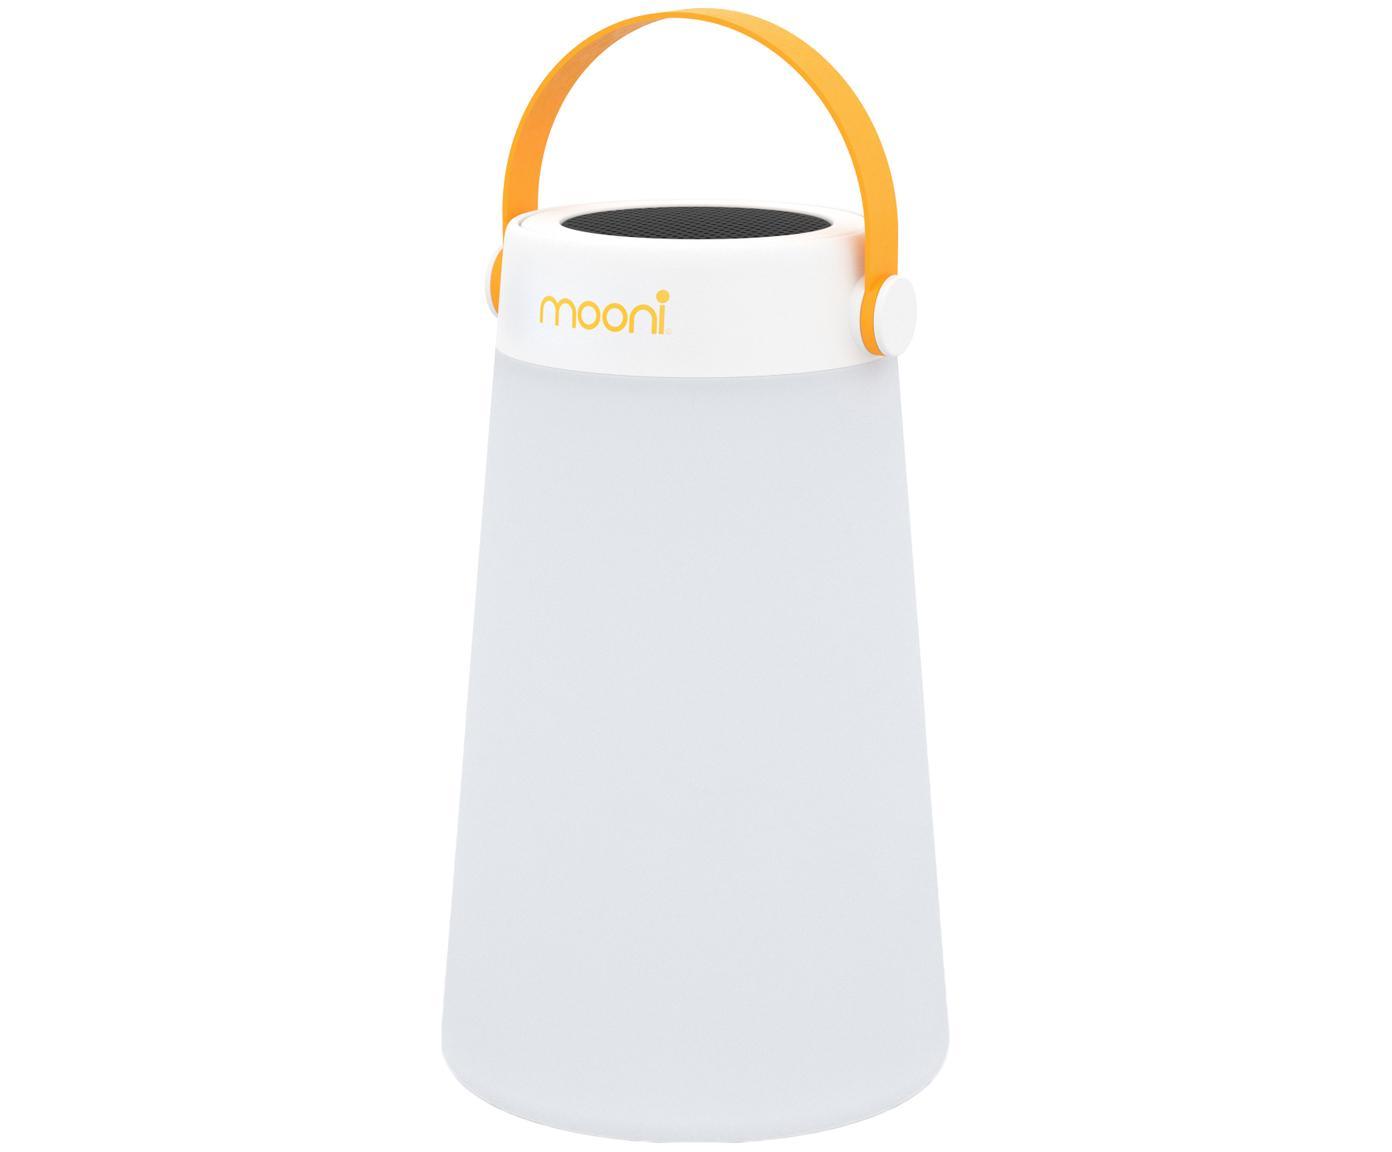 Mobile LED Außenleuchte mit Lautsprecher Take Me, Lampenschirm: Kunststoff (LDPE), Griff: Kunststoff (PC), Weiß, Orange, Ø 18 x H 30 cm